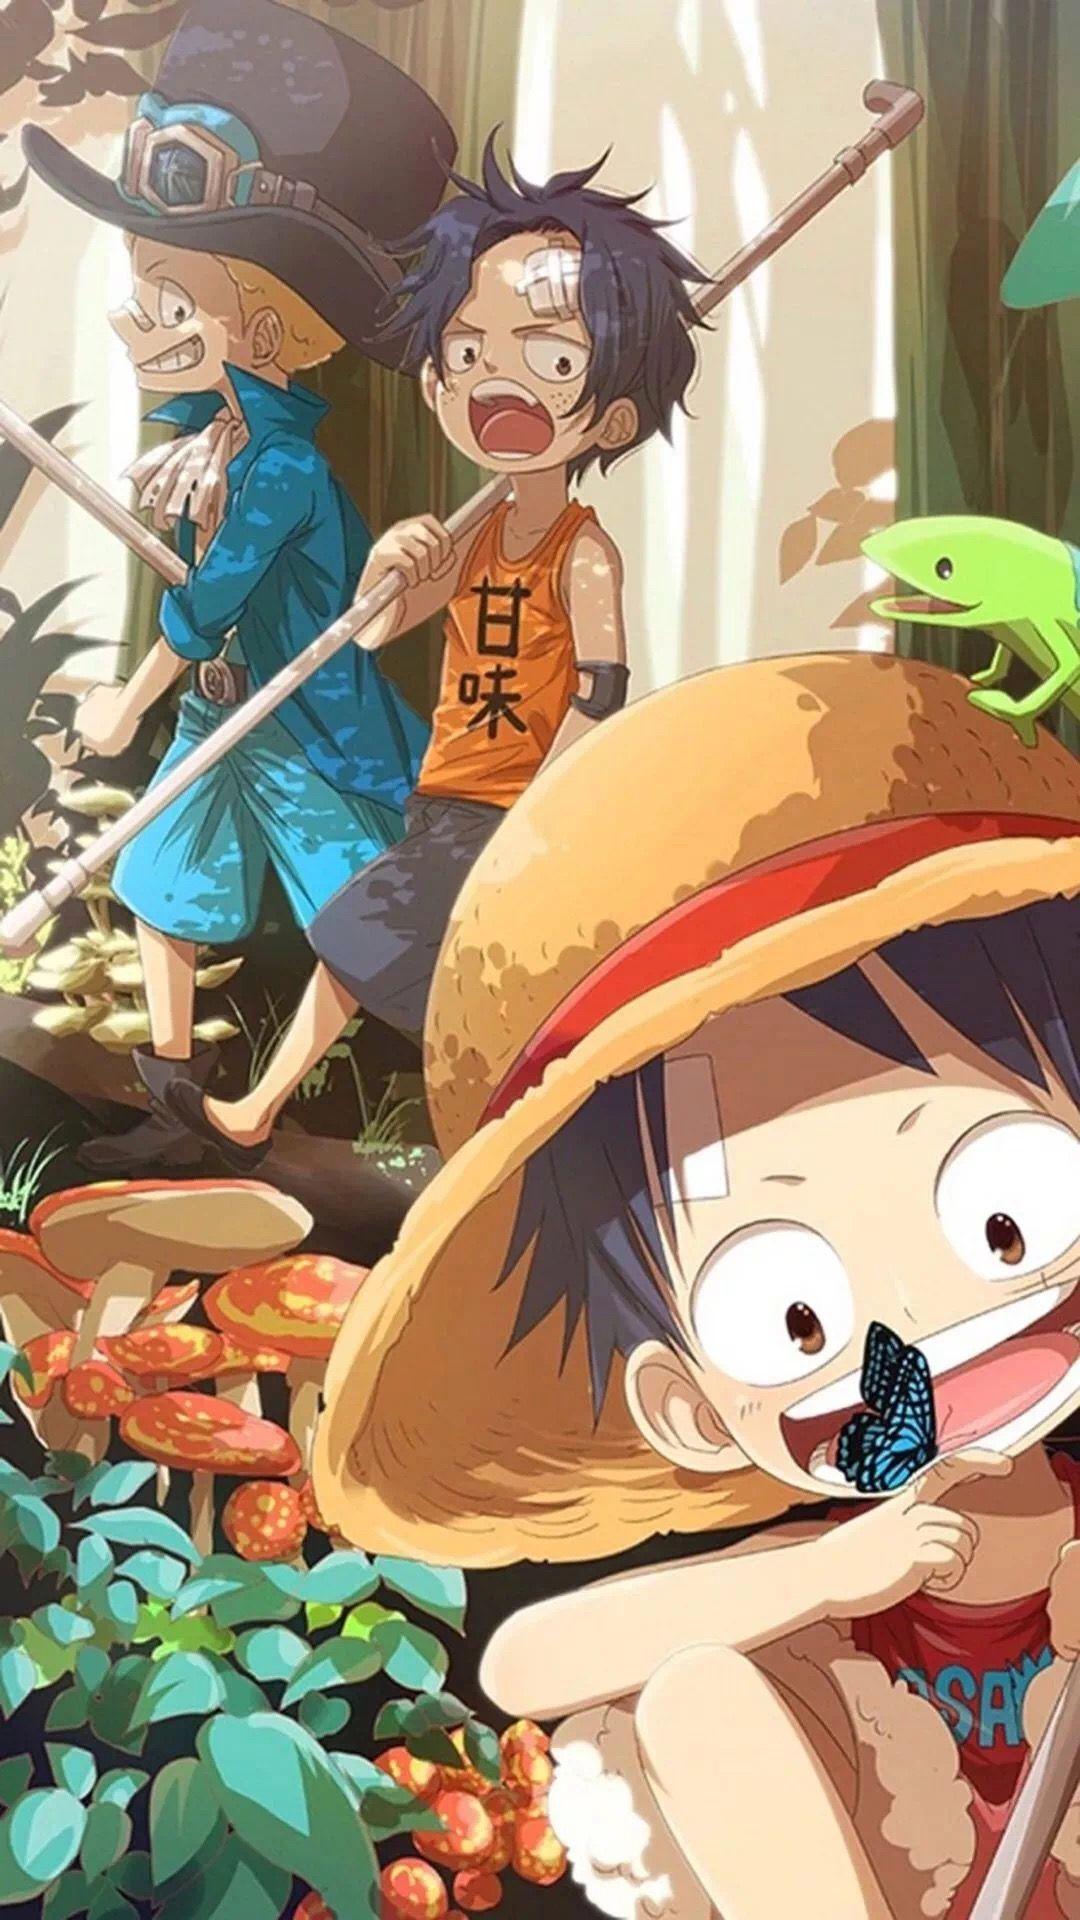 Epingle Par Name Sur One Piece Anime One Piece Fond D Ecran Dessin One Piece Figure